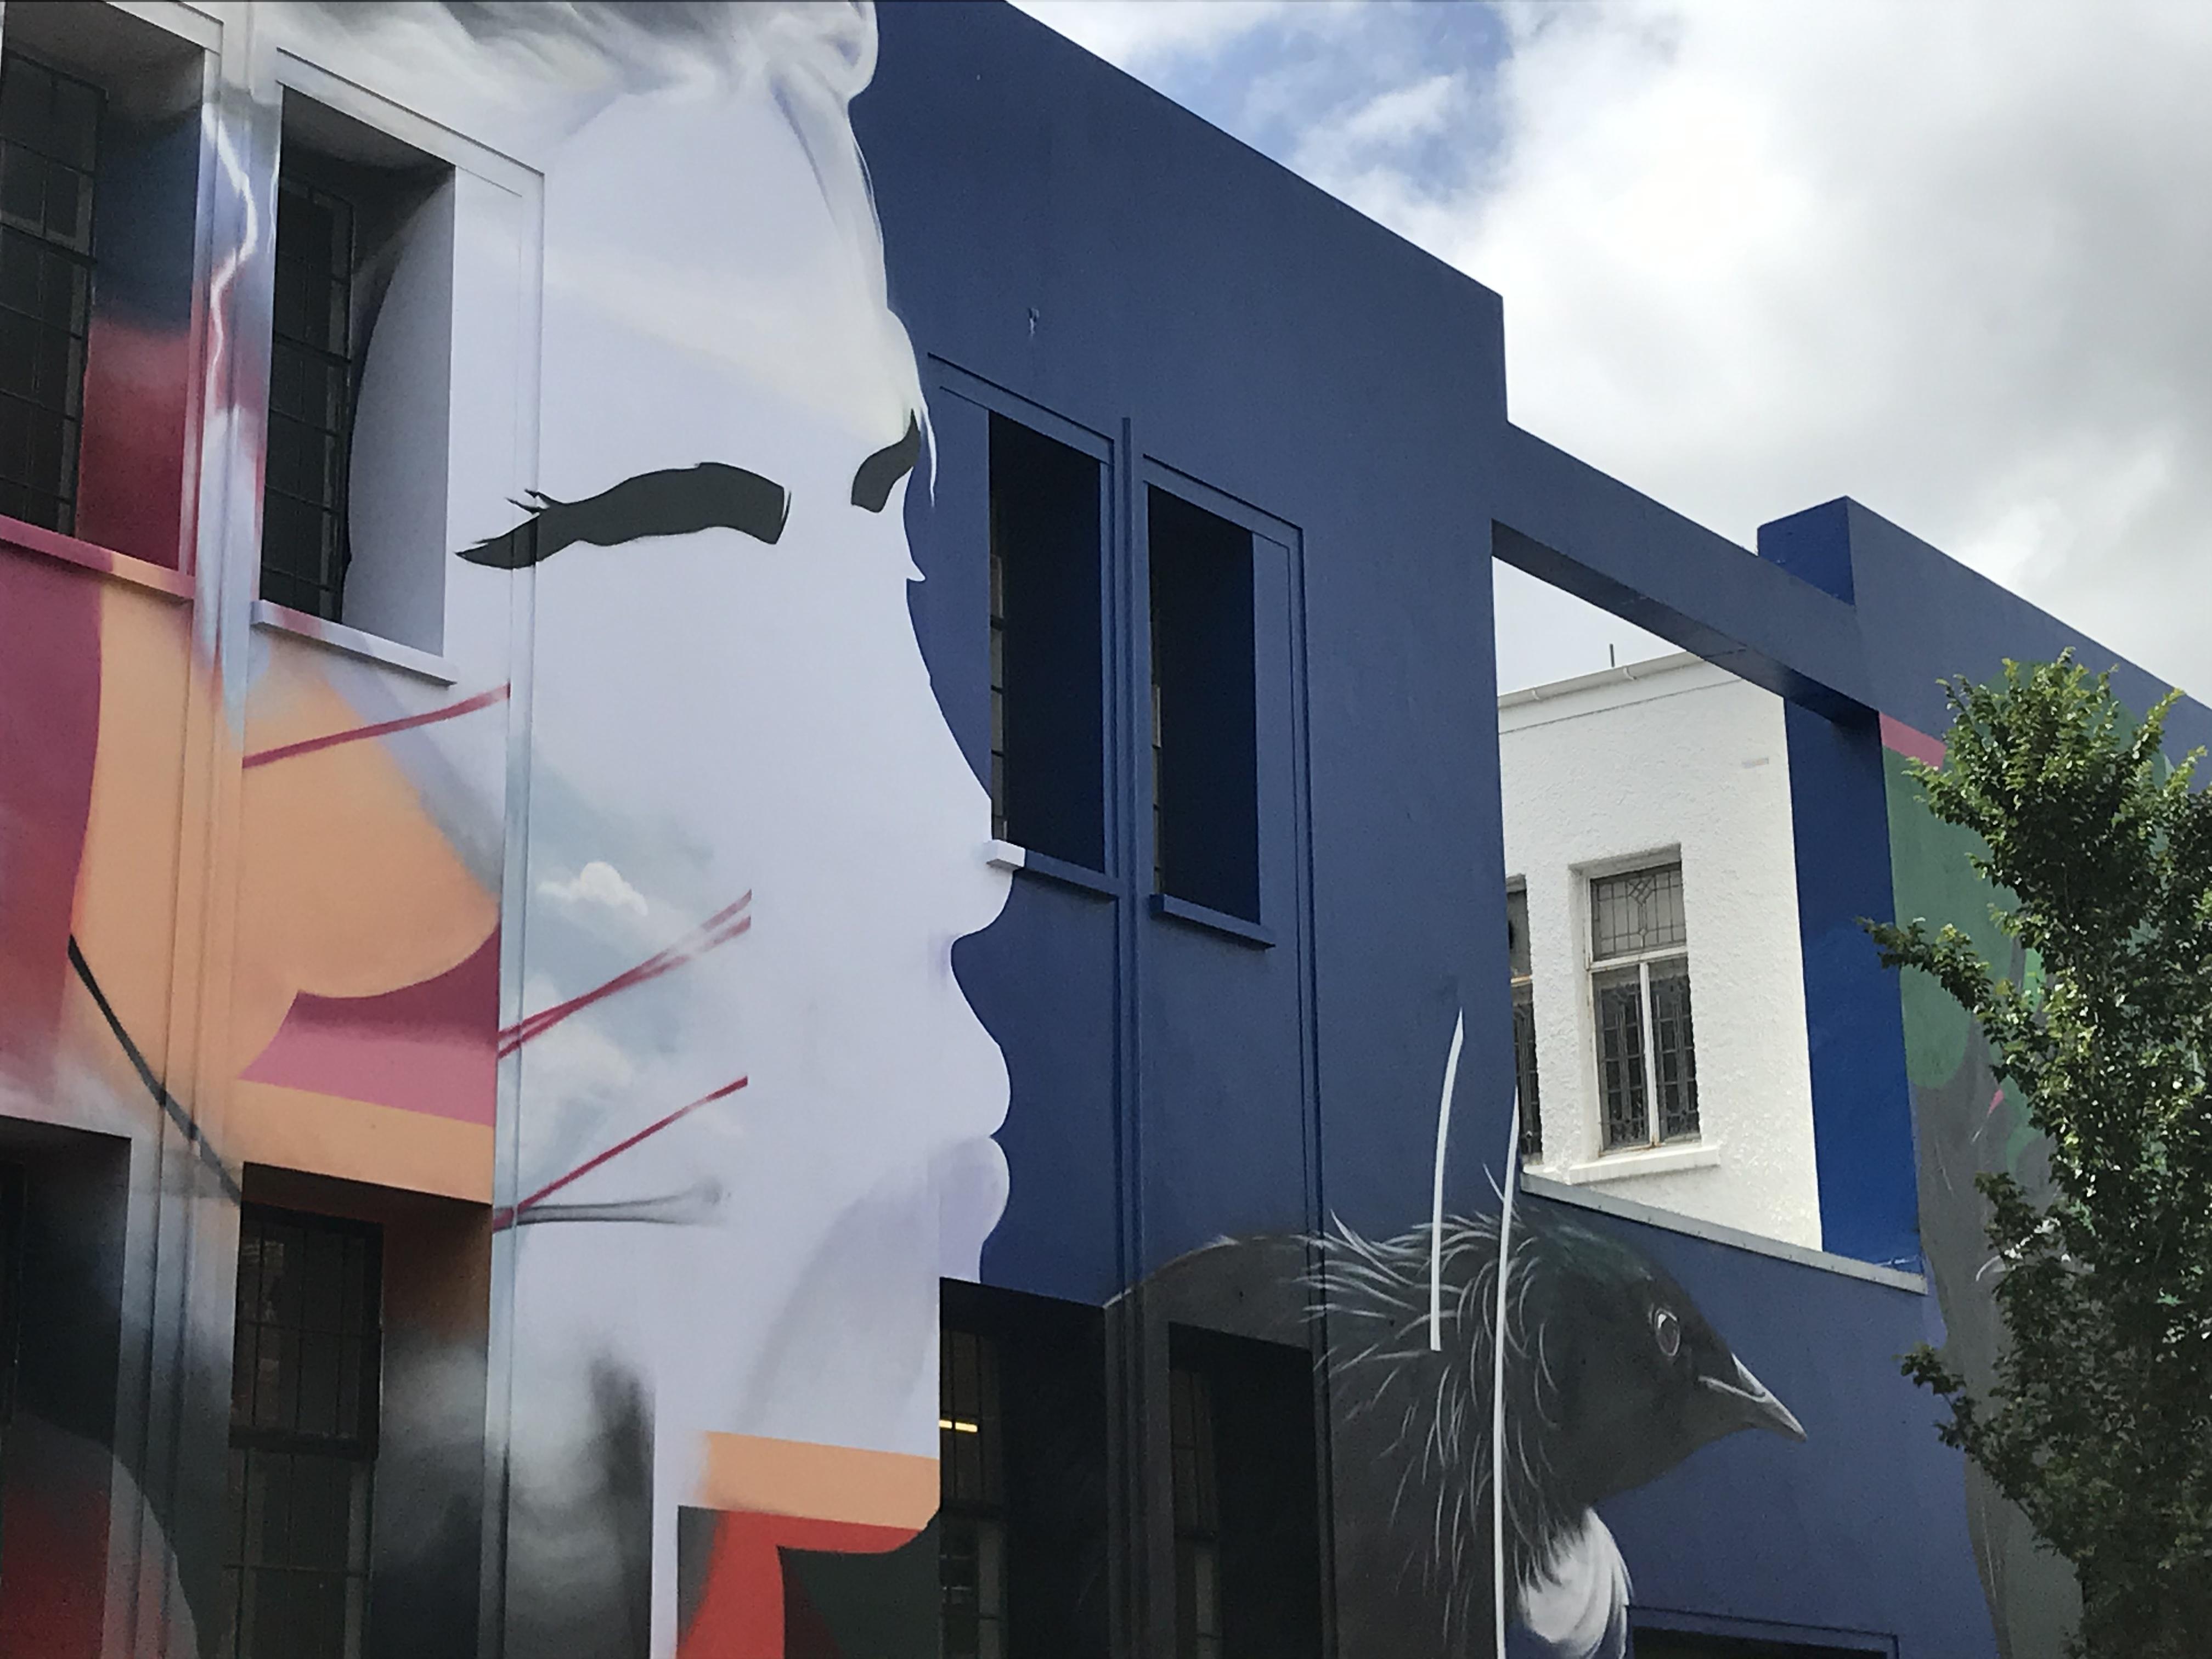 Street Art - Palmerston North